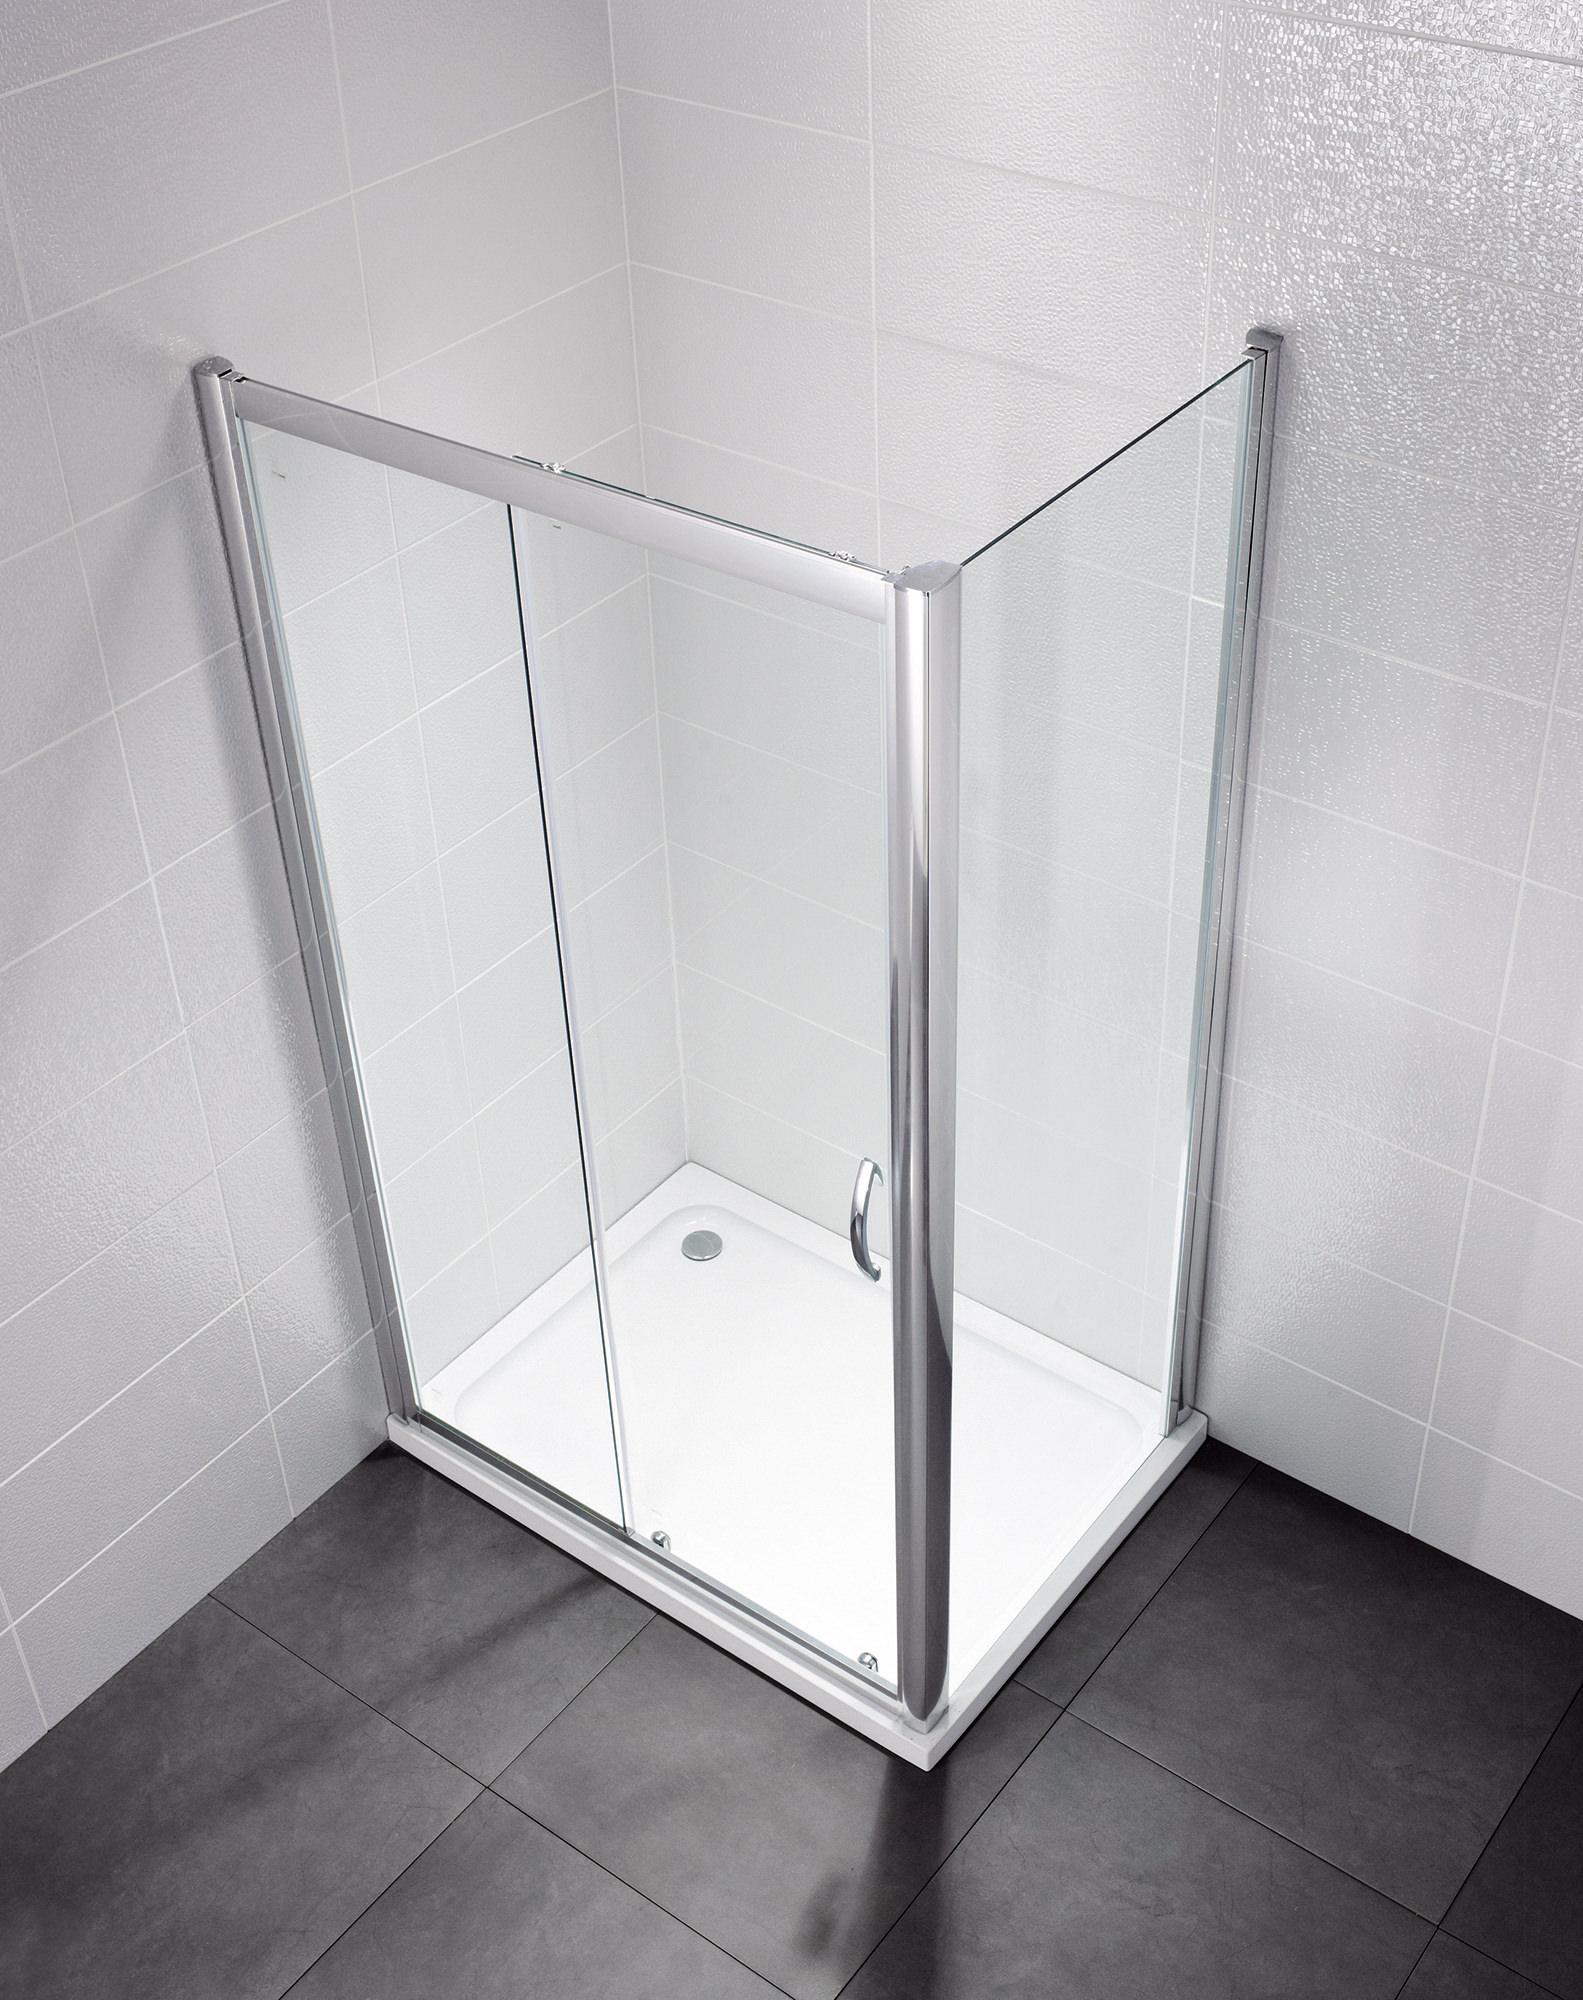 April identiti2 1000mm sliding shower door ap9477s for 1000mm sliding shower door